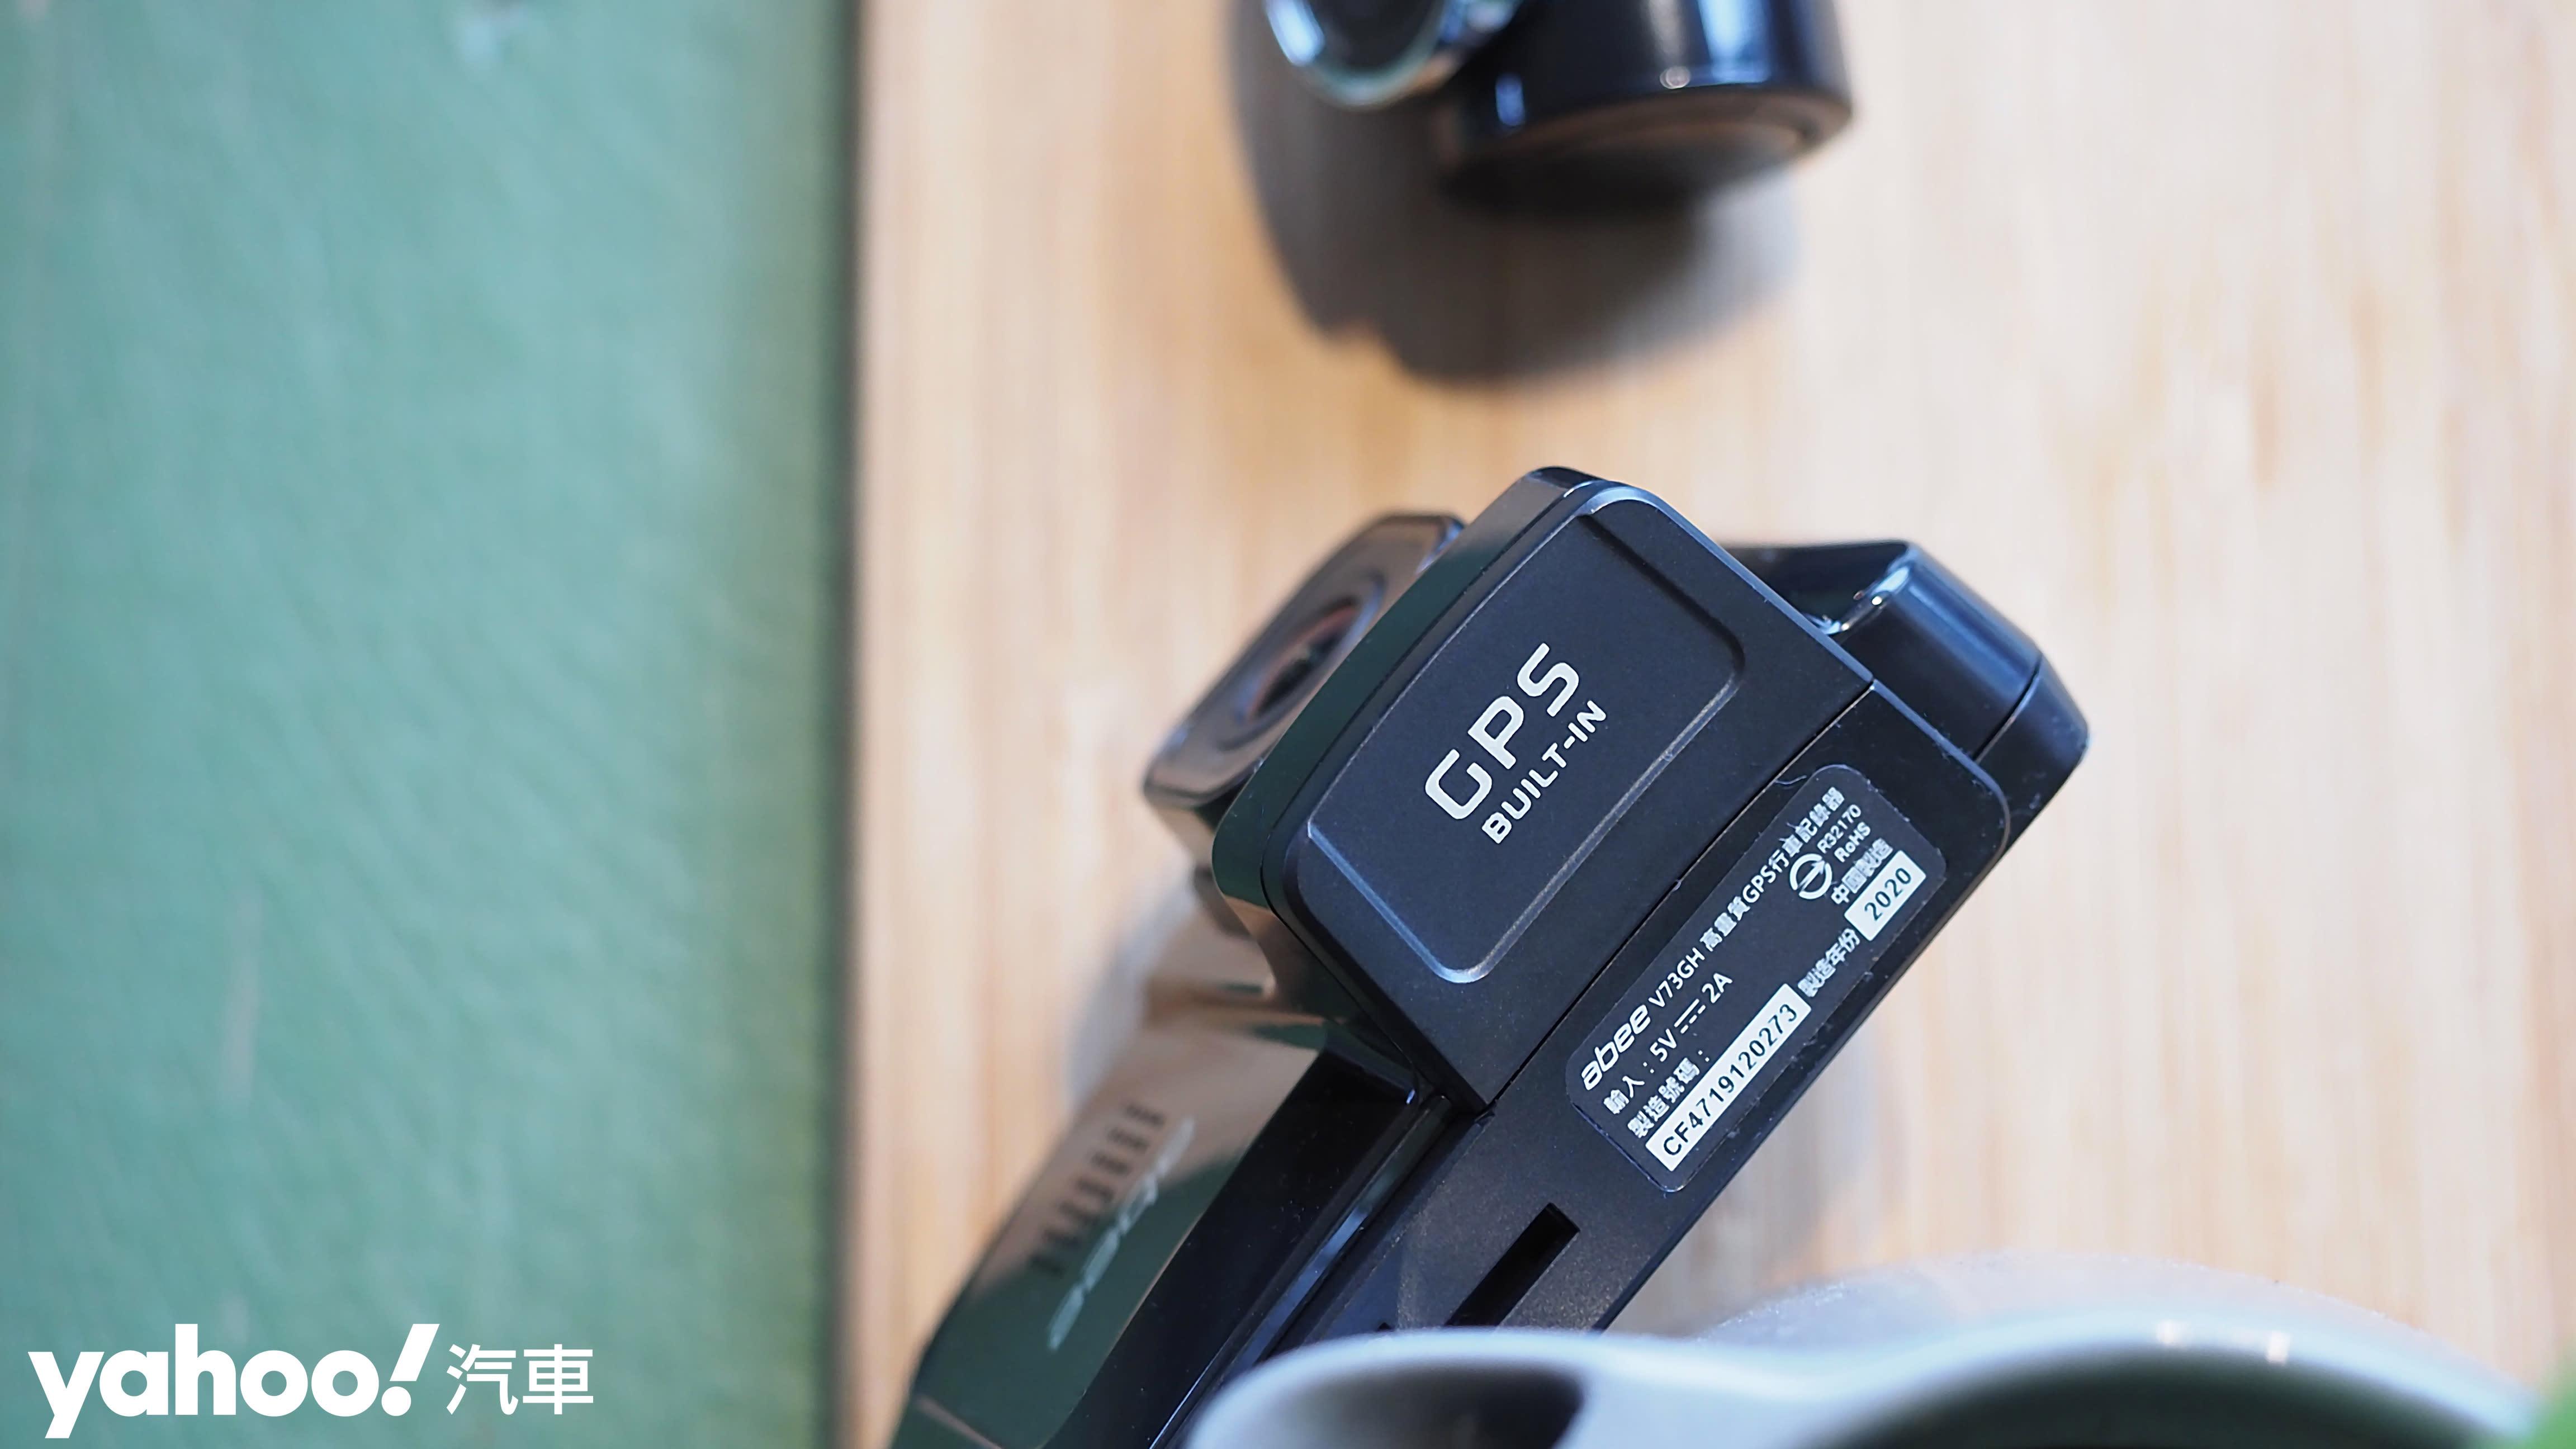 區間測速的災禍就讓快譯通來突破!業界最強警示力Abee V73GH GPS前後鏡頭高畫質行車記錄器防漏財開箱!